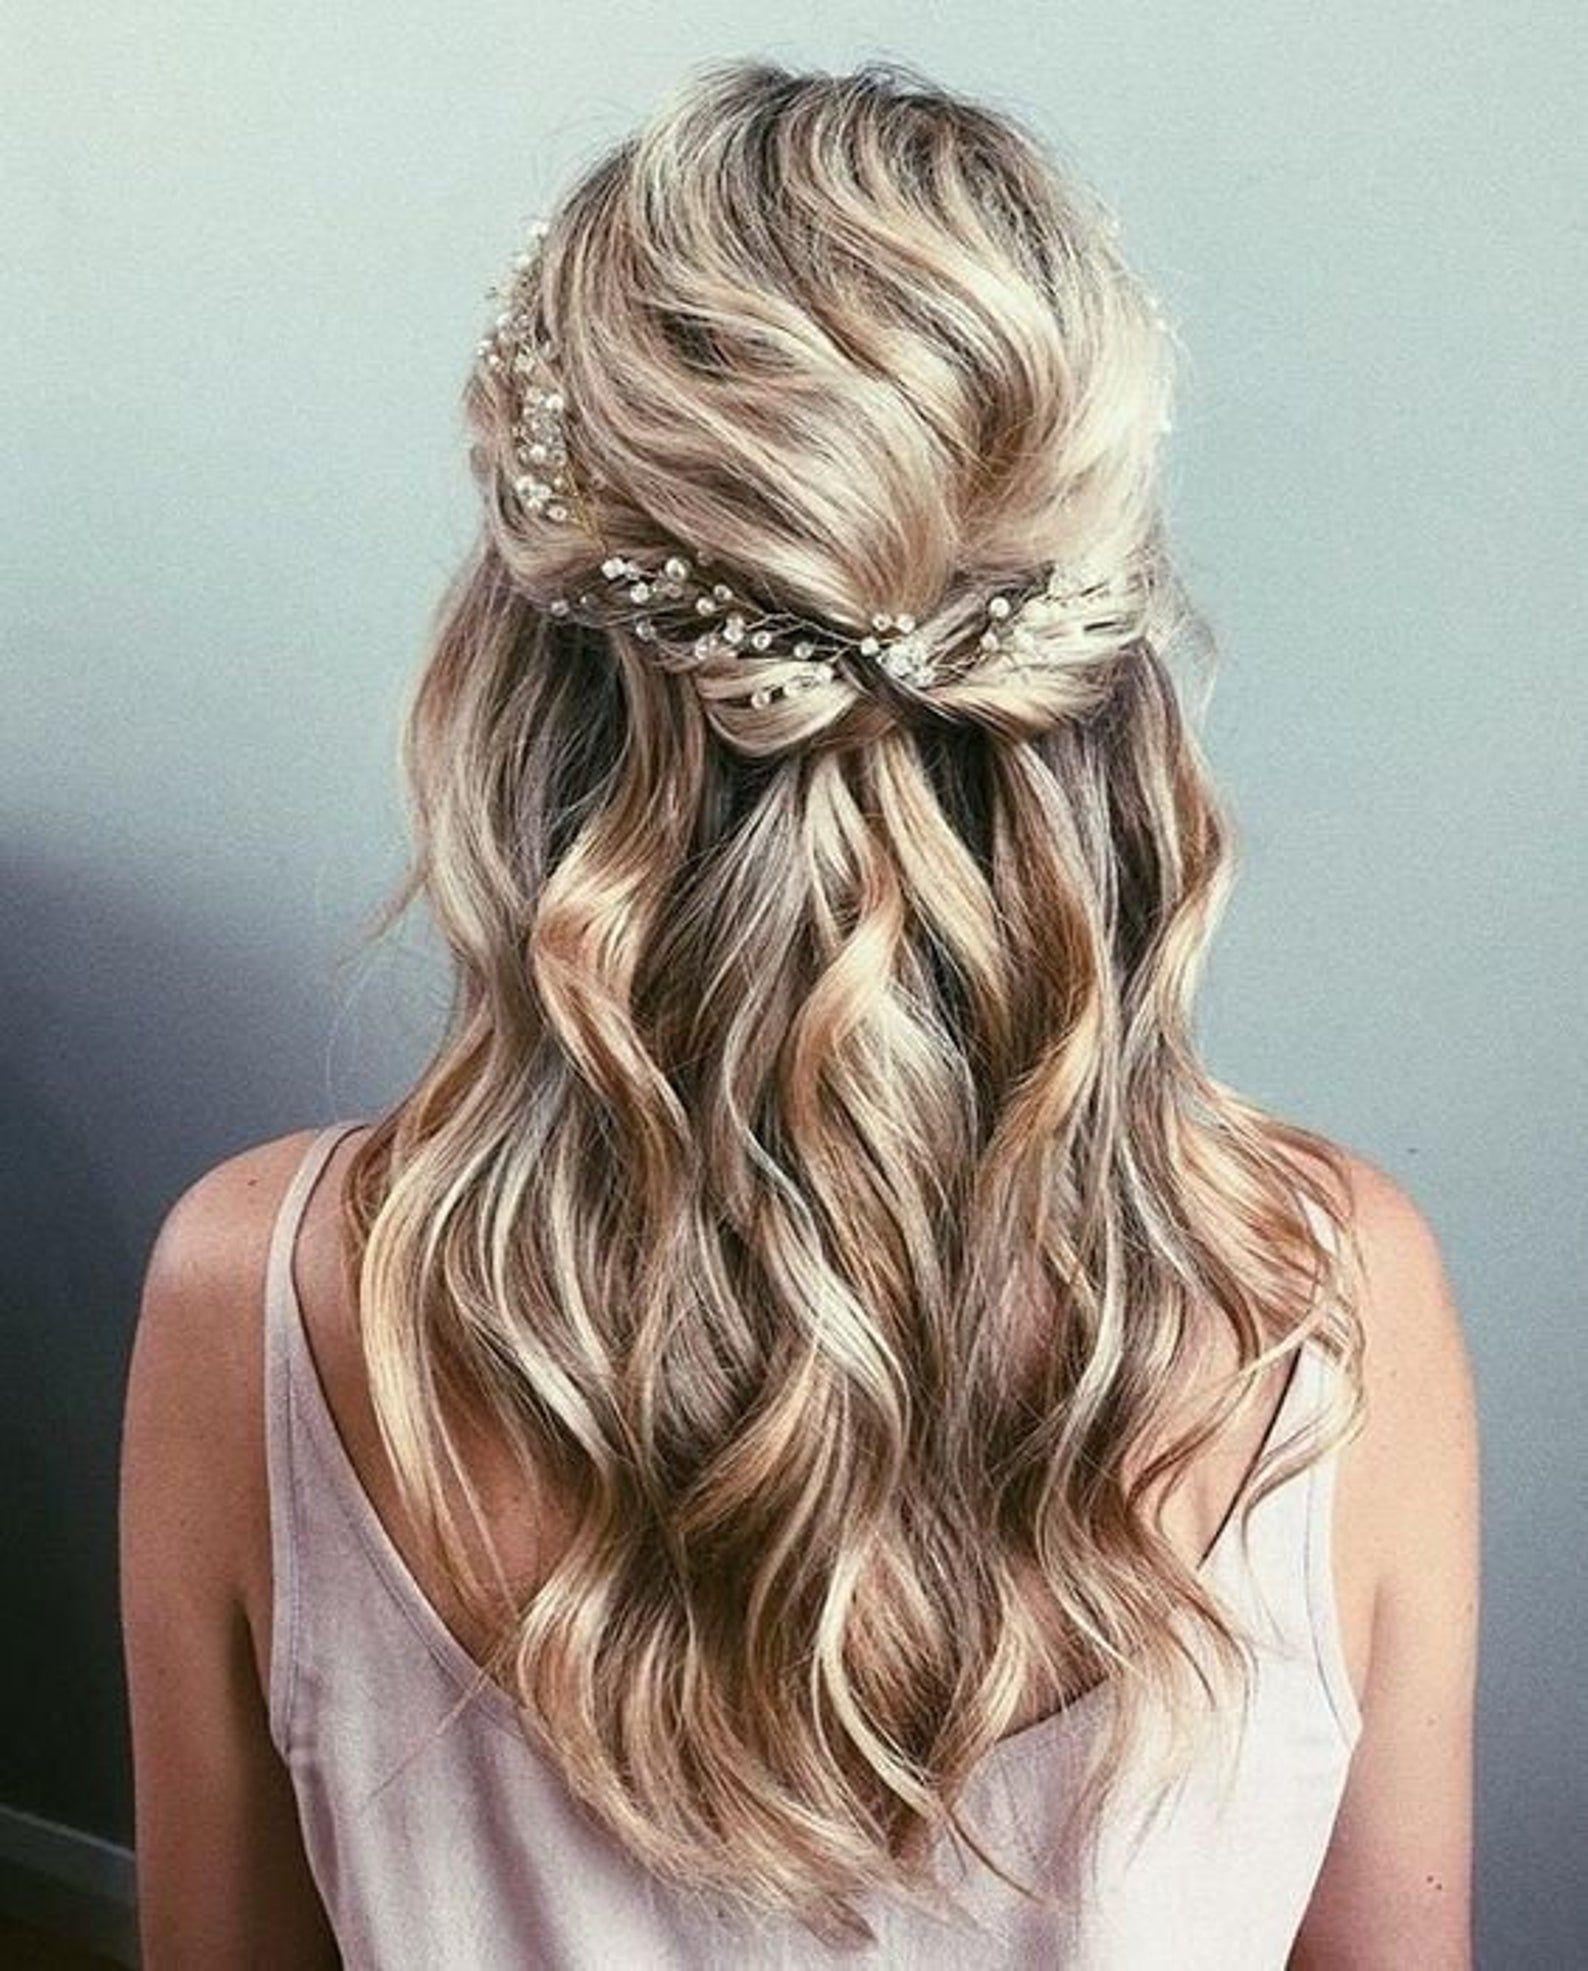 Укладка длинных волос- фотоуроки красивых причесок!